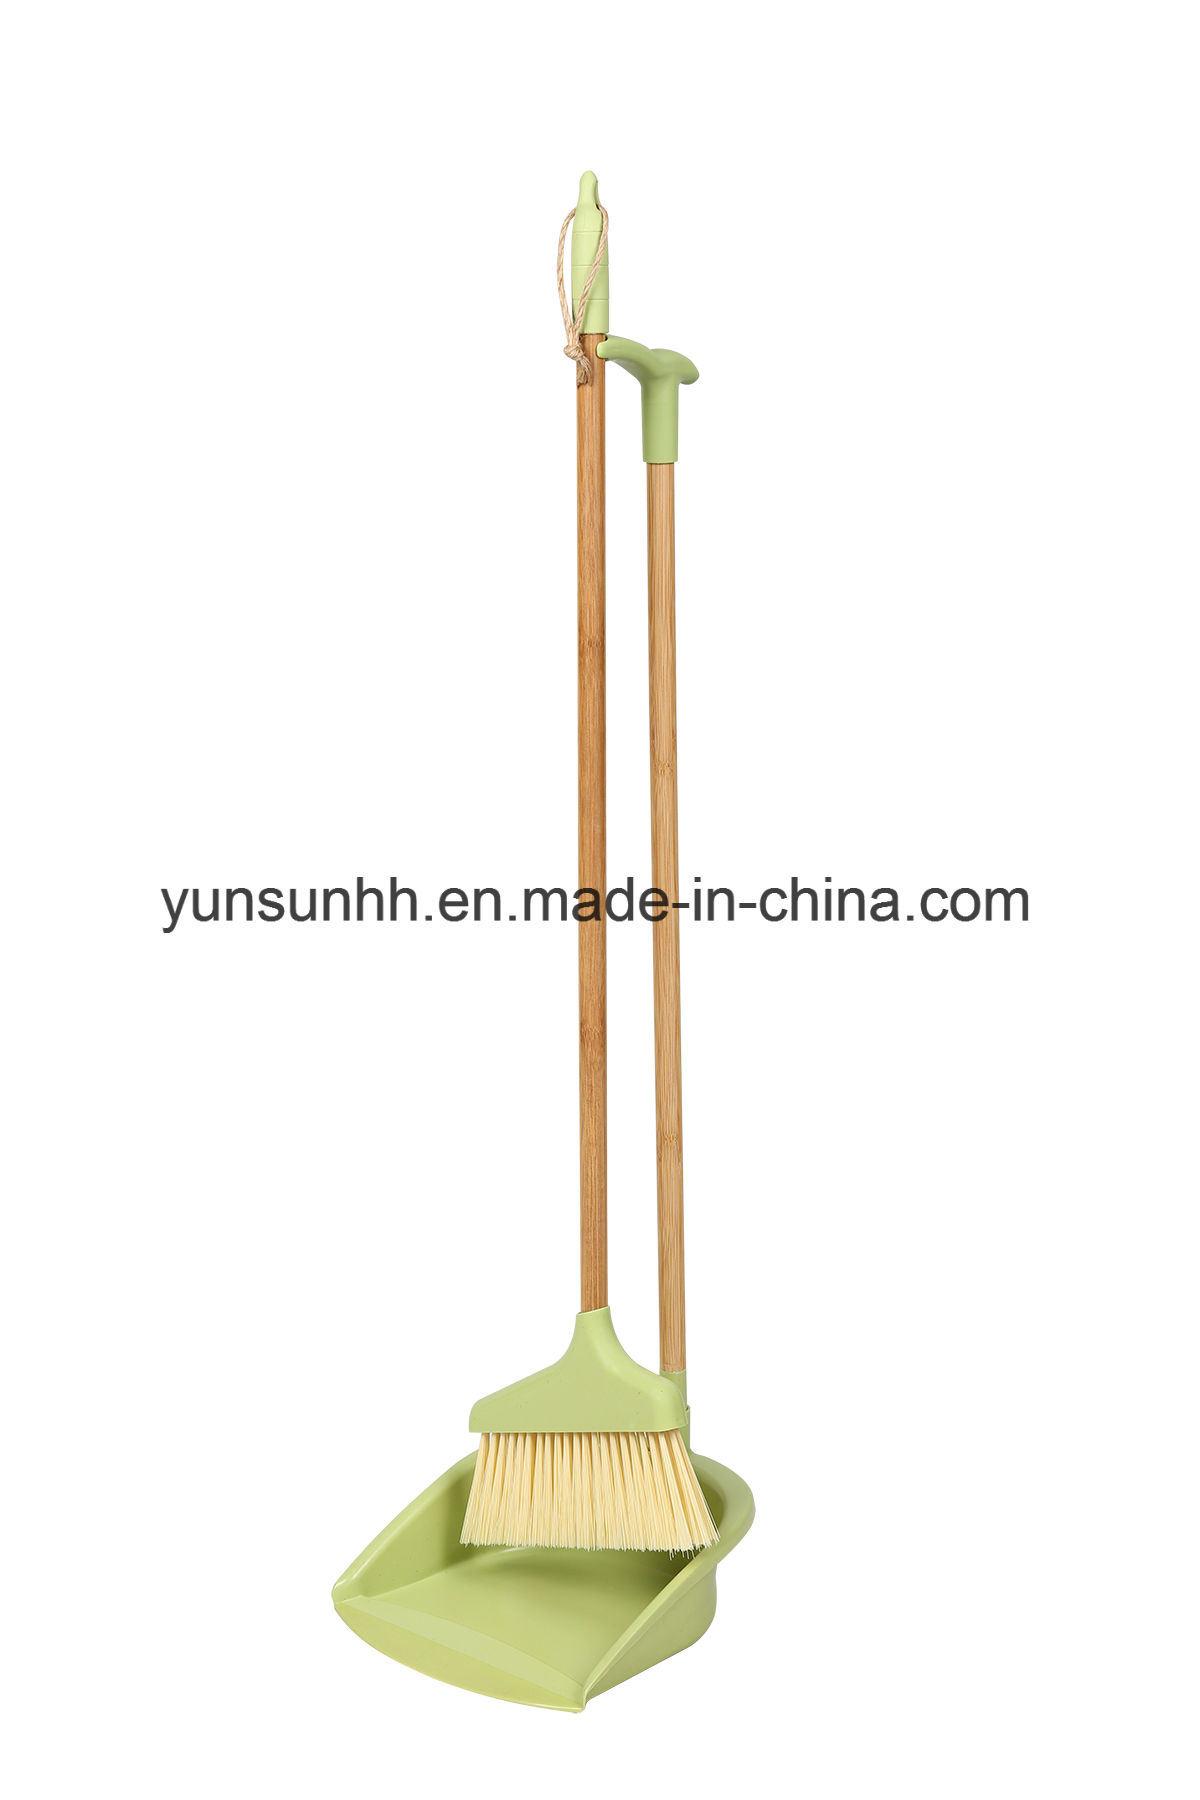 Floor Broom/Brush/Cleaner Set/ Dustpan& Brush Set, Gadren Cleaner Set